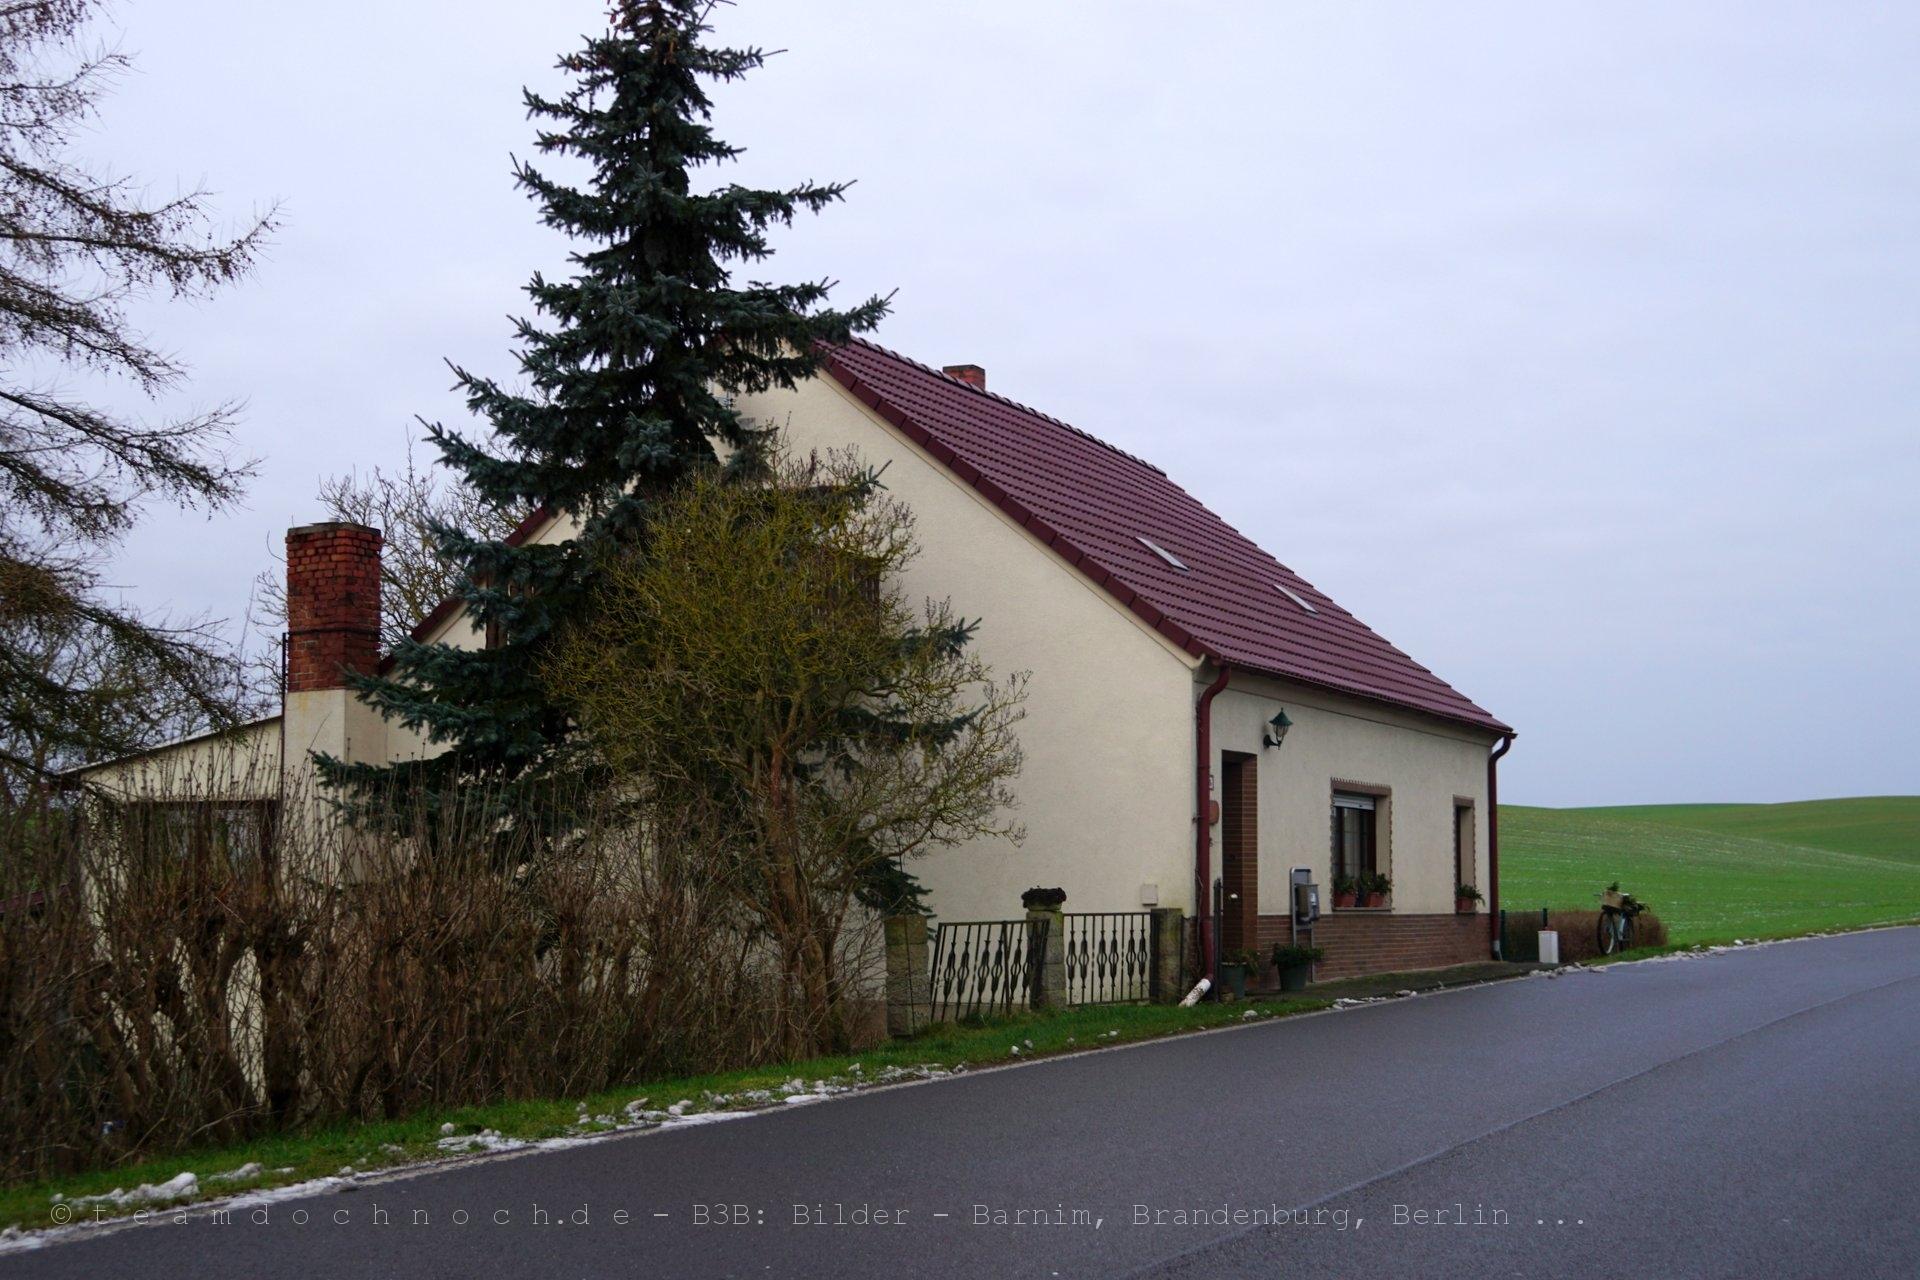 Chausseehaus in Greifenberg, L24 Richtung Wilmersdorf